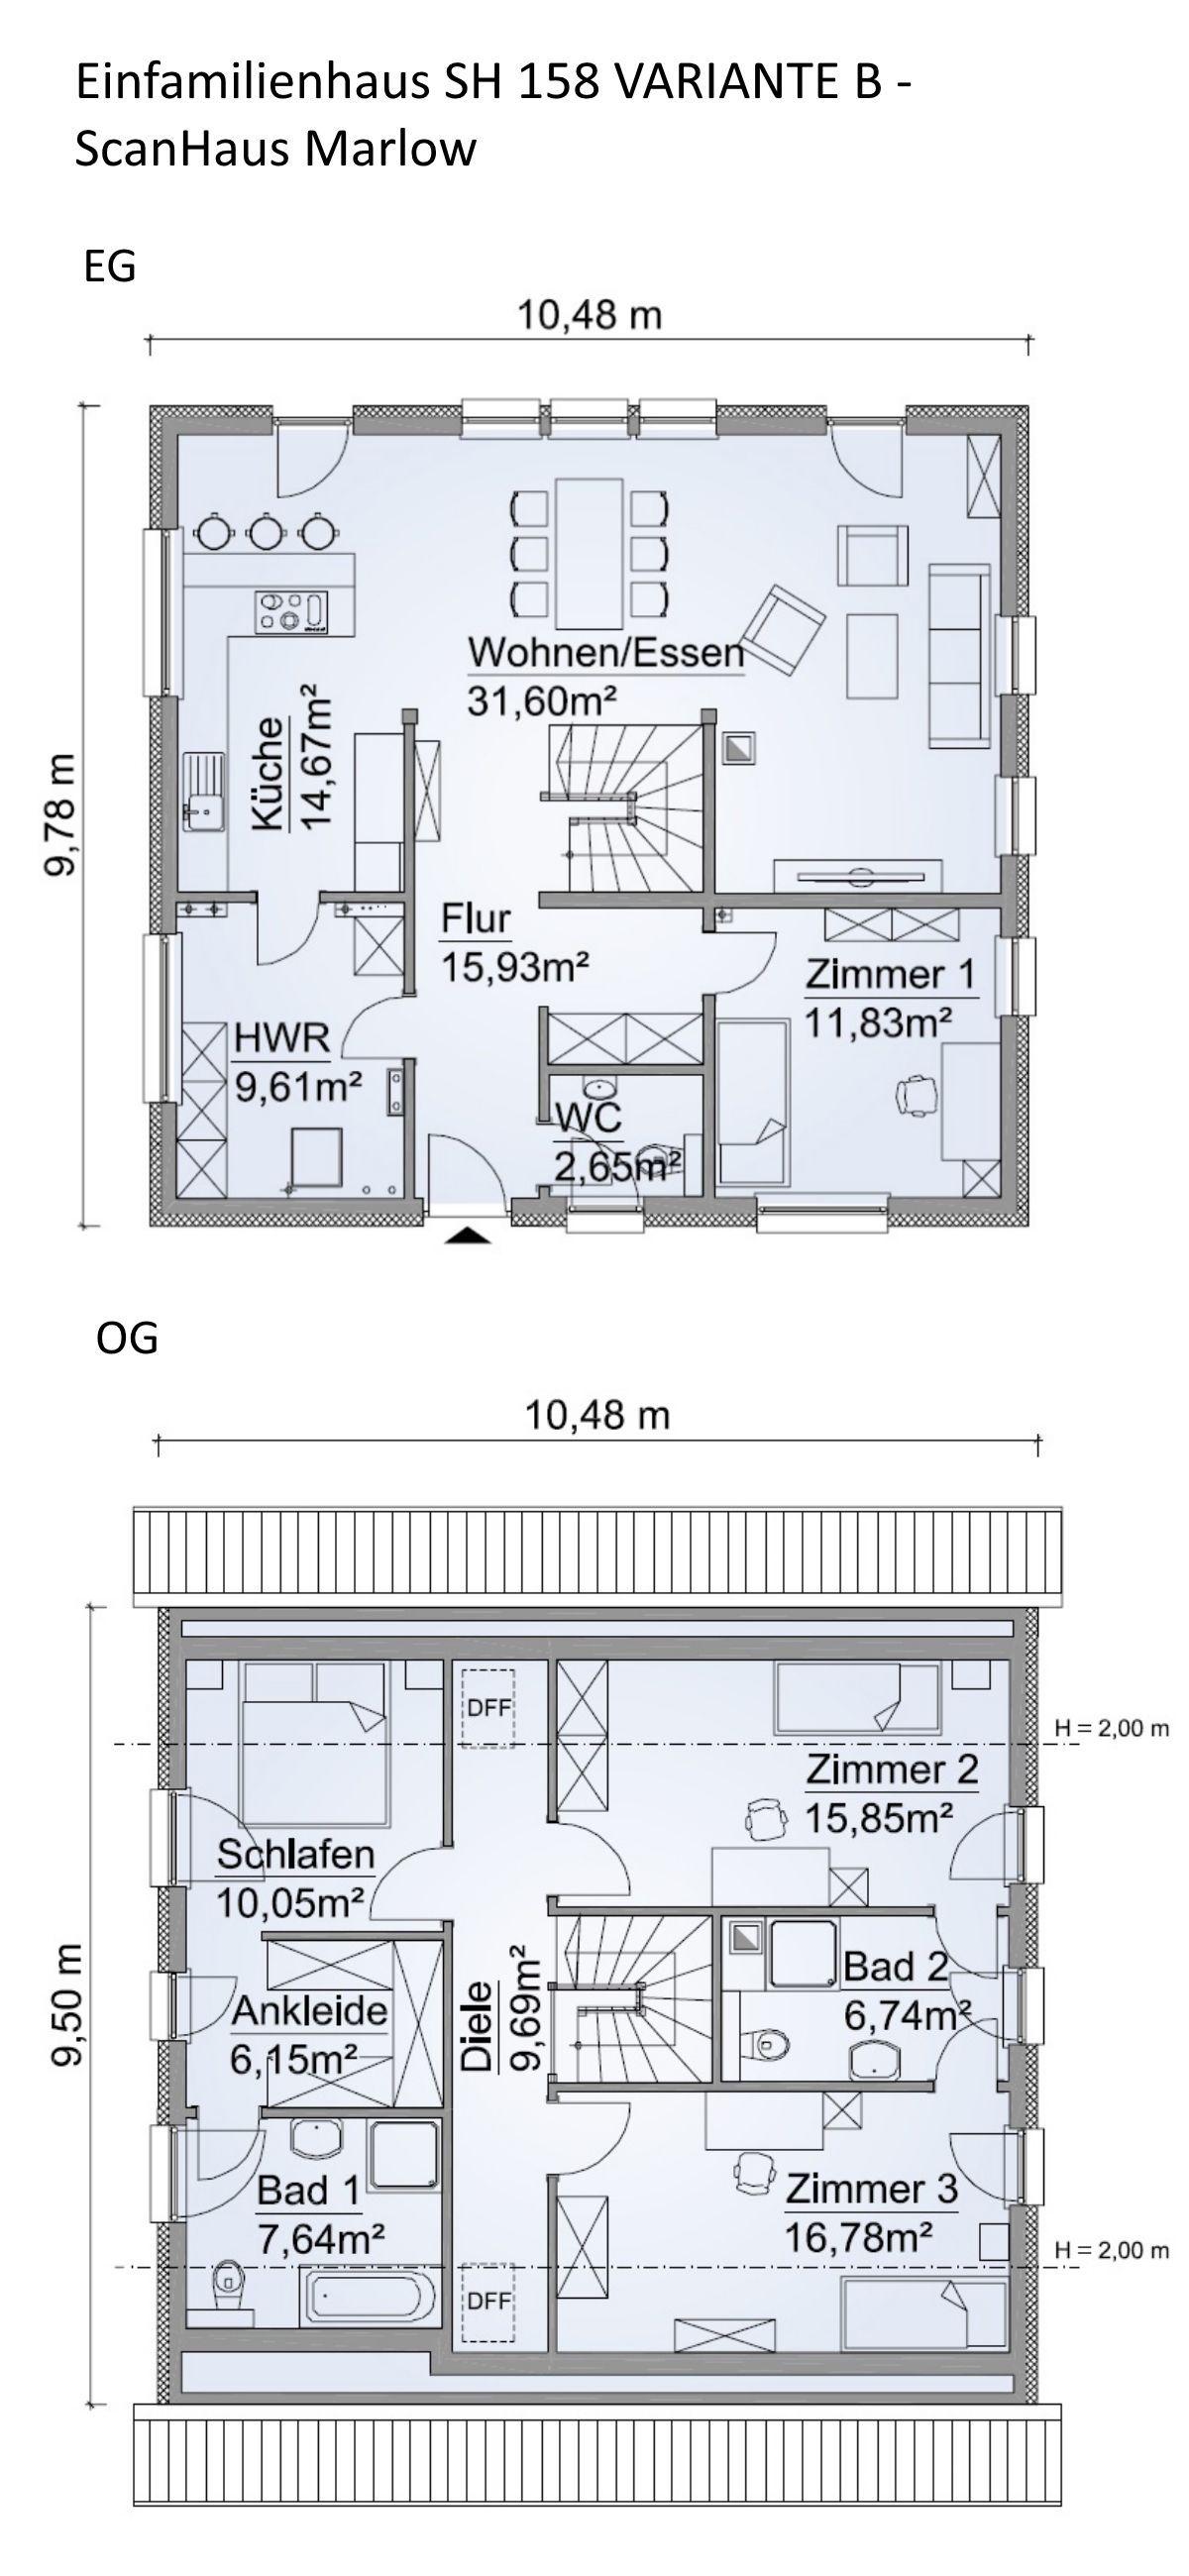 Einfamilienhaus SH 158 VARIANTE B mit Satteldach ScanHaus Marlow